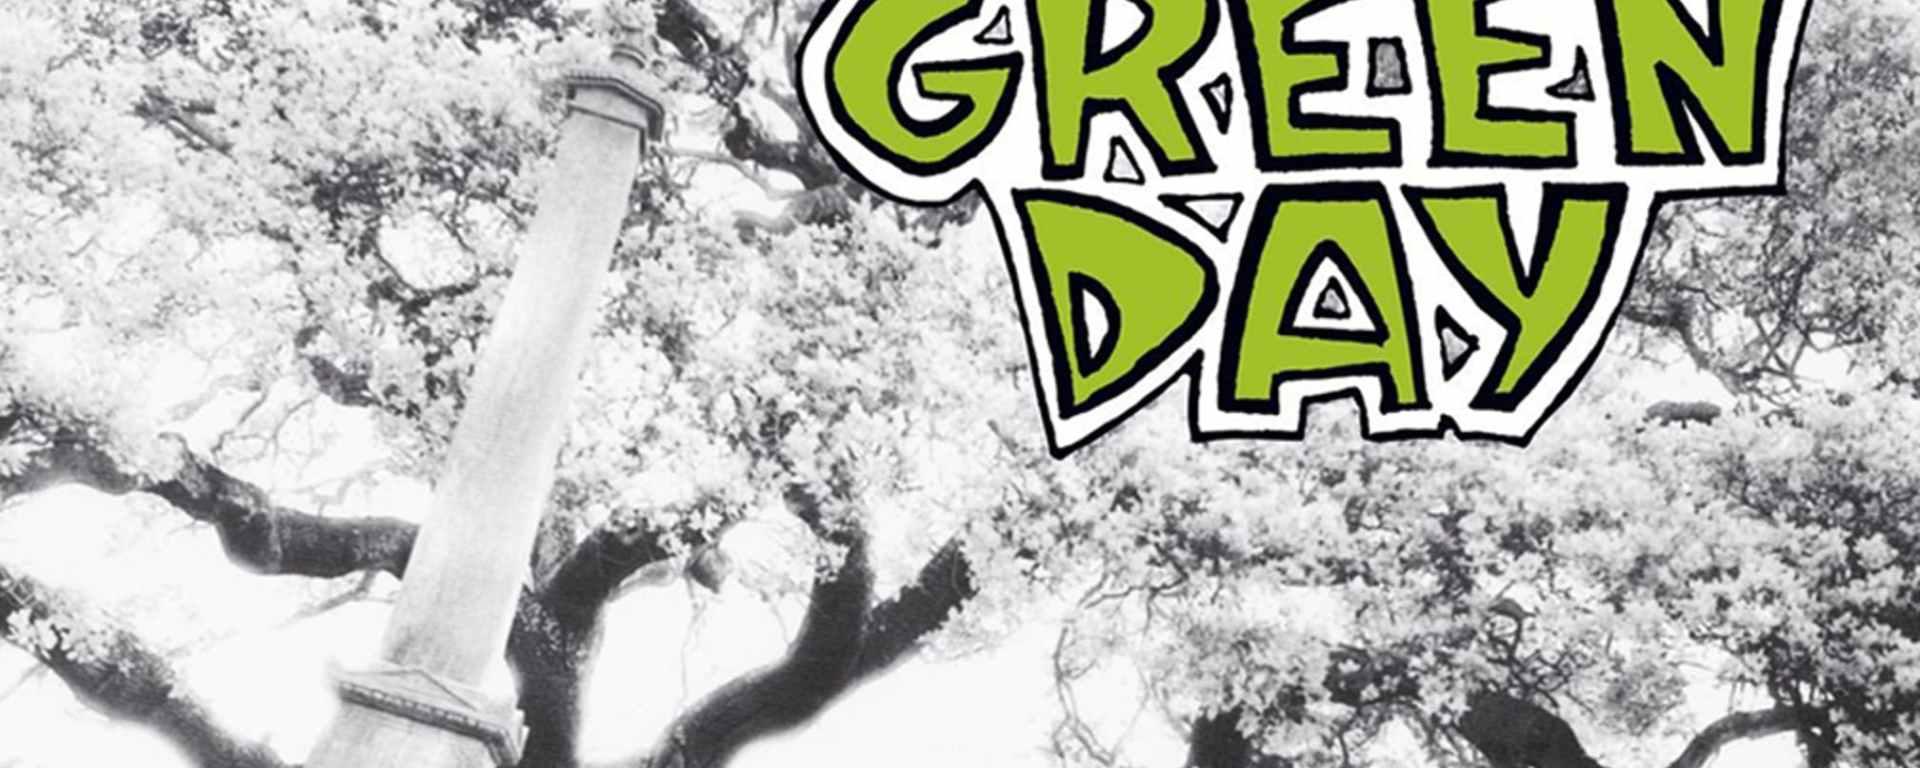 """""""Ar putea fi utmătorii Beatles"""" povestea albumului de debut Green Day 39/Smooth"""